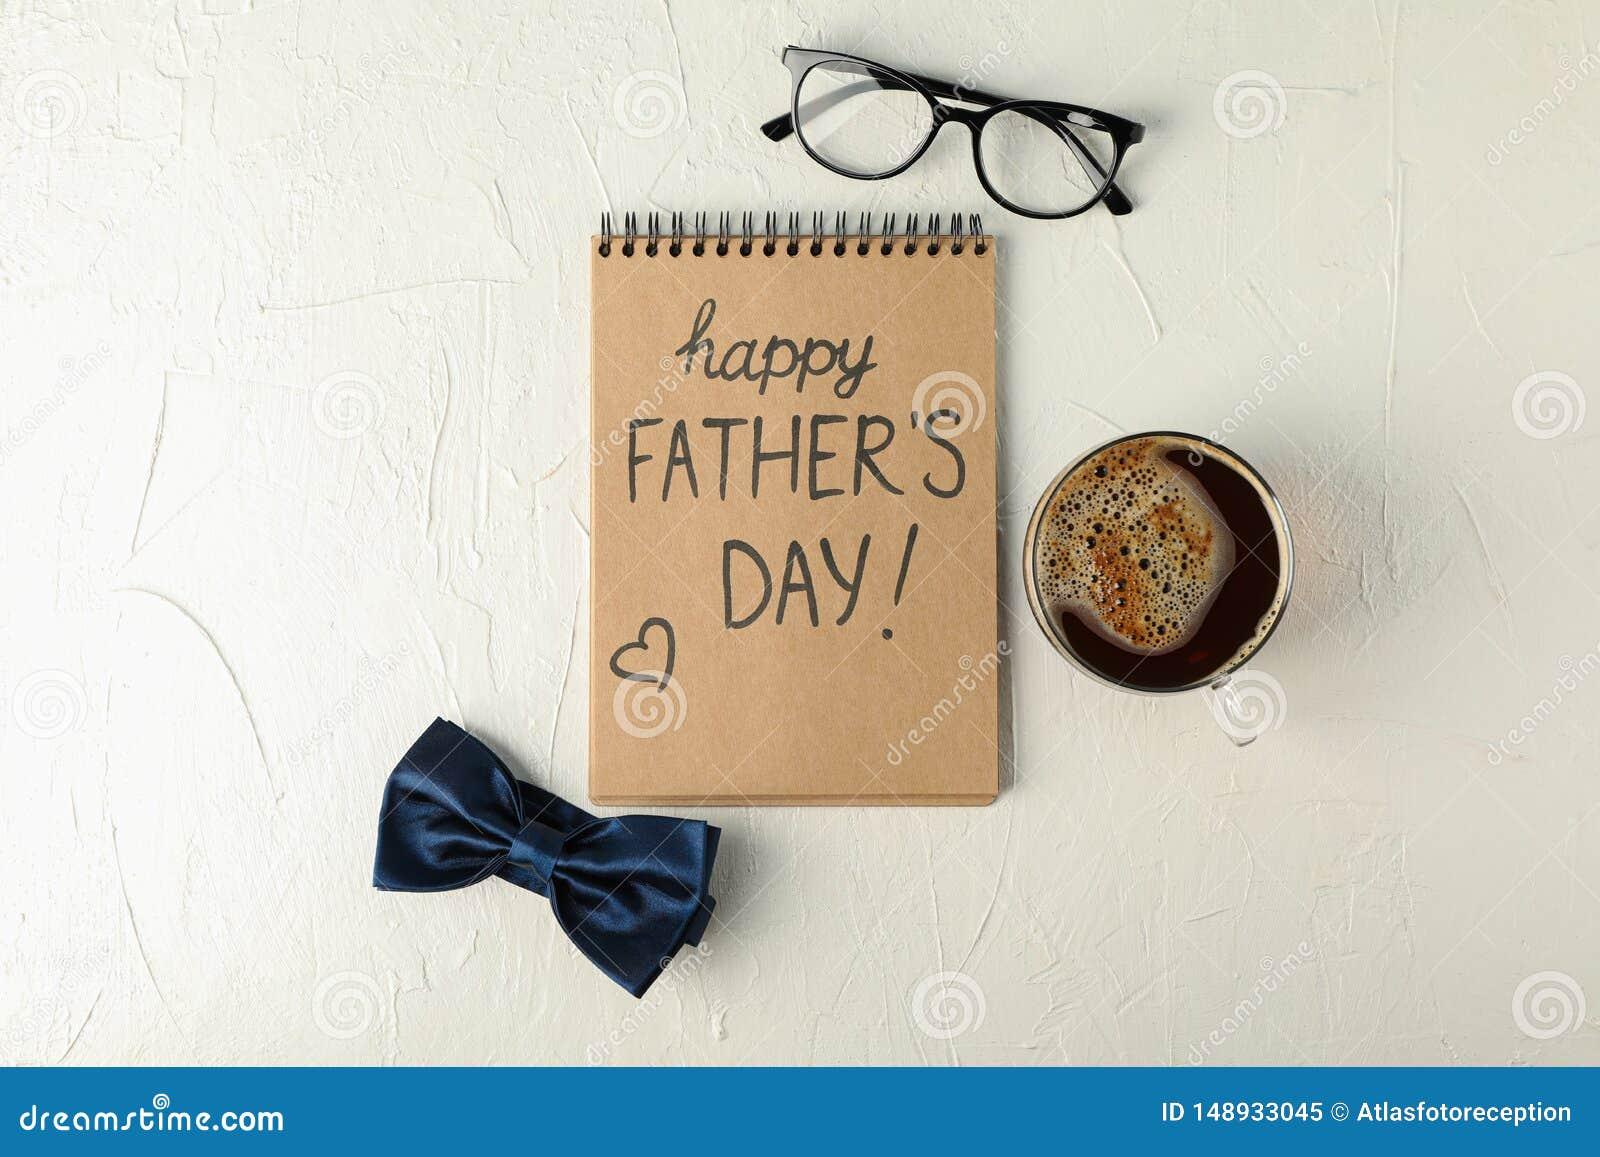 有题字愉快的父亲节、蓝色蝶形领结、咖啡和玻璃的笔记本在白色背景